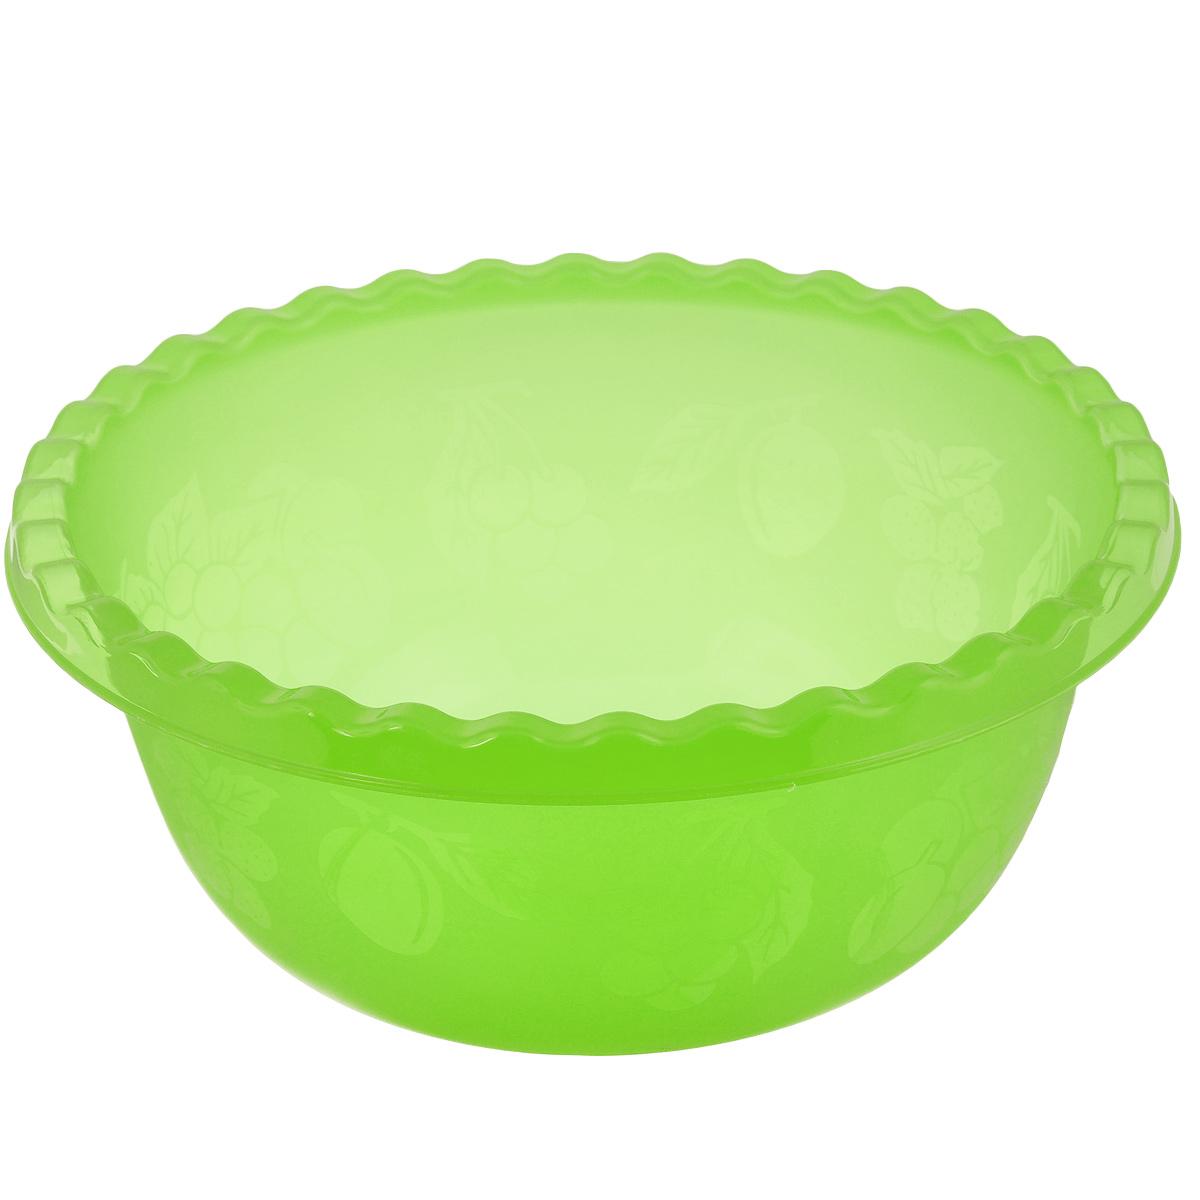 Миска Idea, цвет: салатовый, 5 л5000-19Вместительная миска Idea изготовлена из высококачественного пищевого пластика. Изделие очень функциональное, оно пригодится на кухне для самых разнообразных нужд: в качестве салатника, миски, тарелки. По периметру миска украшена узором в виде фруктов.Диаметр миски: 28,5 см.Высота миски: 12 см.Объем: 5 л.